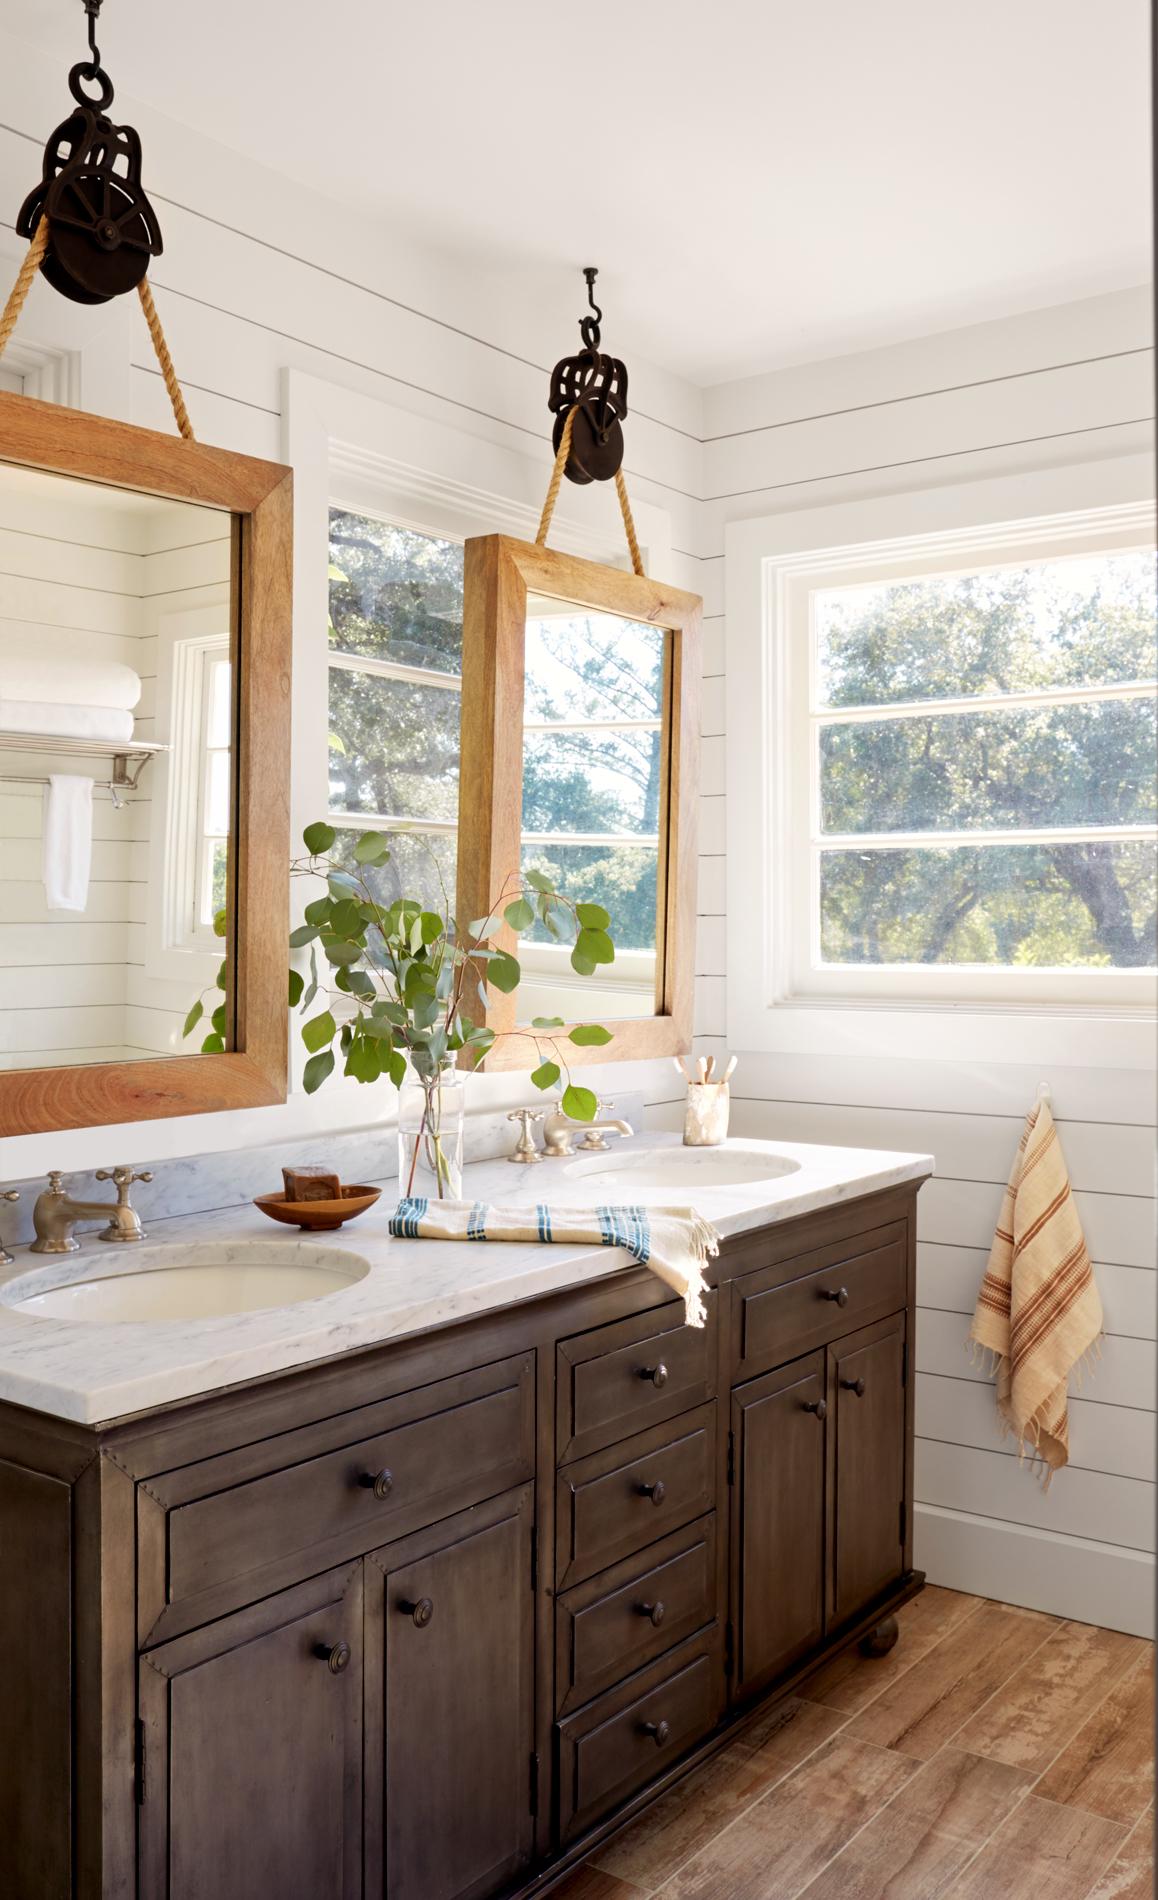 Miraculous 80 Bathroom Decorating Ideas Designs Decor Largest Home Design Picture Inspirations Pitcheantrous